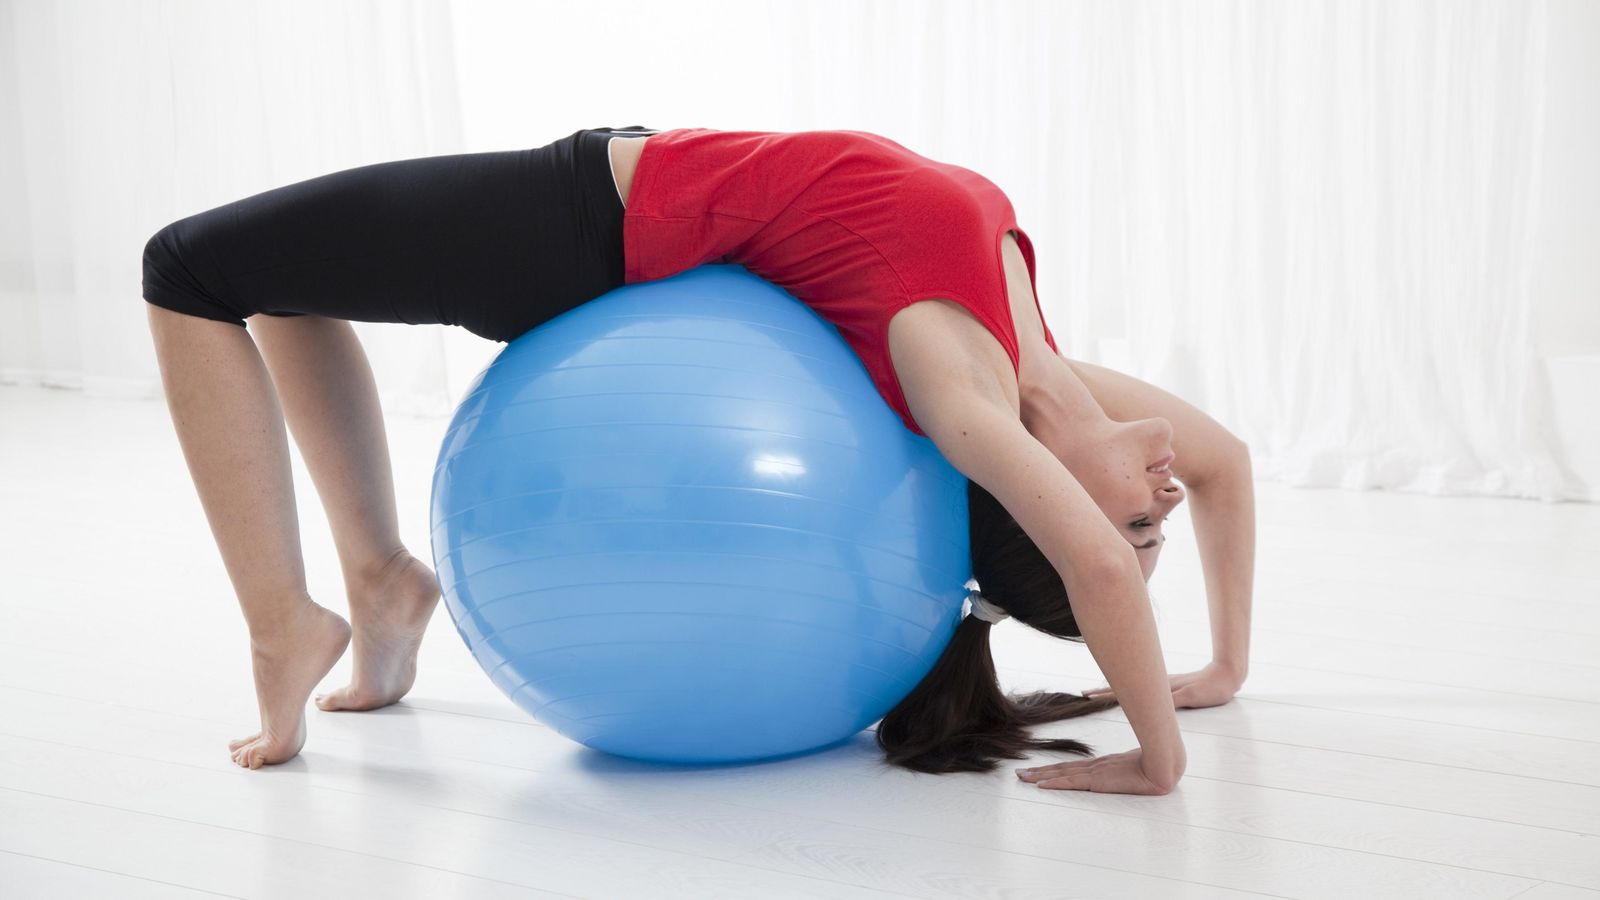 Foto: Aprende a practicar ejercicios que ayudarán a fortalecer tu musculatura. (Corbis)